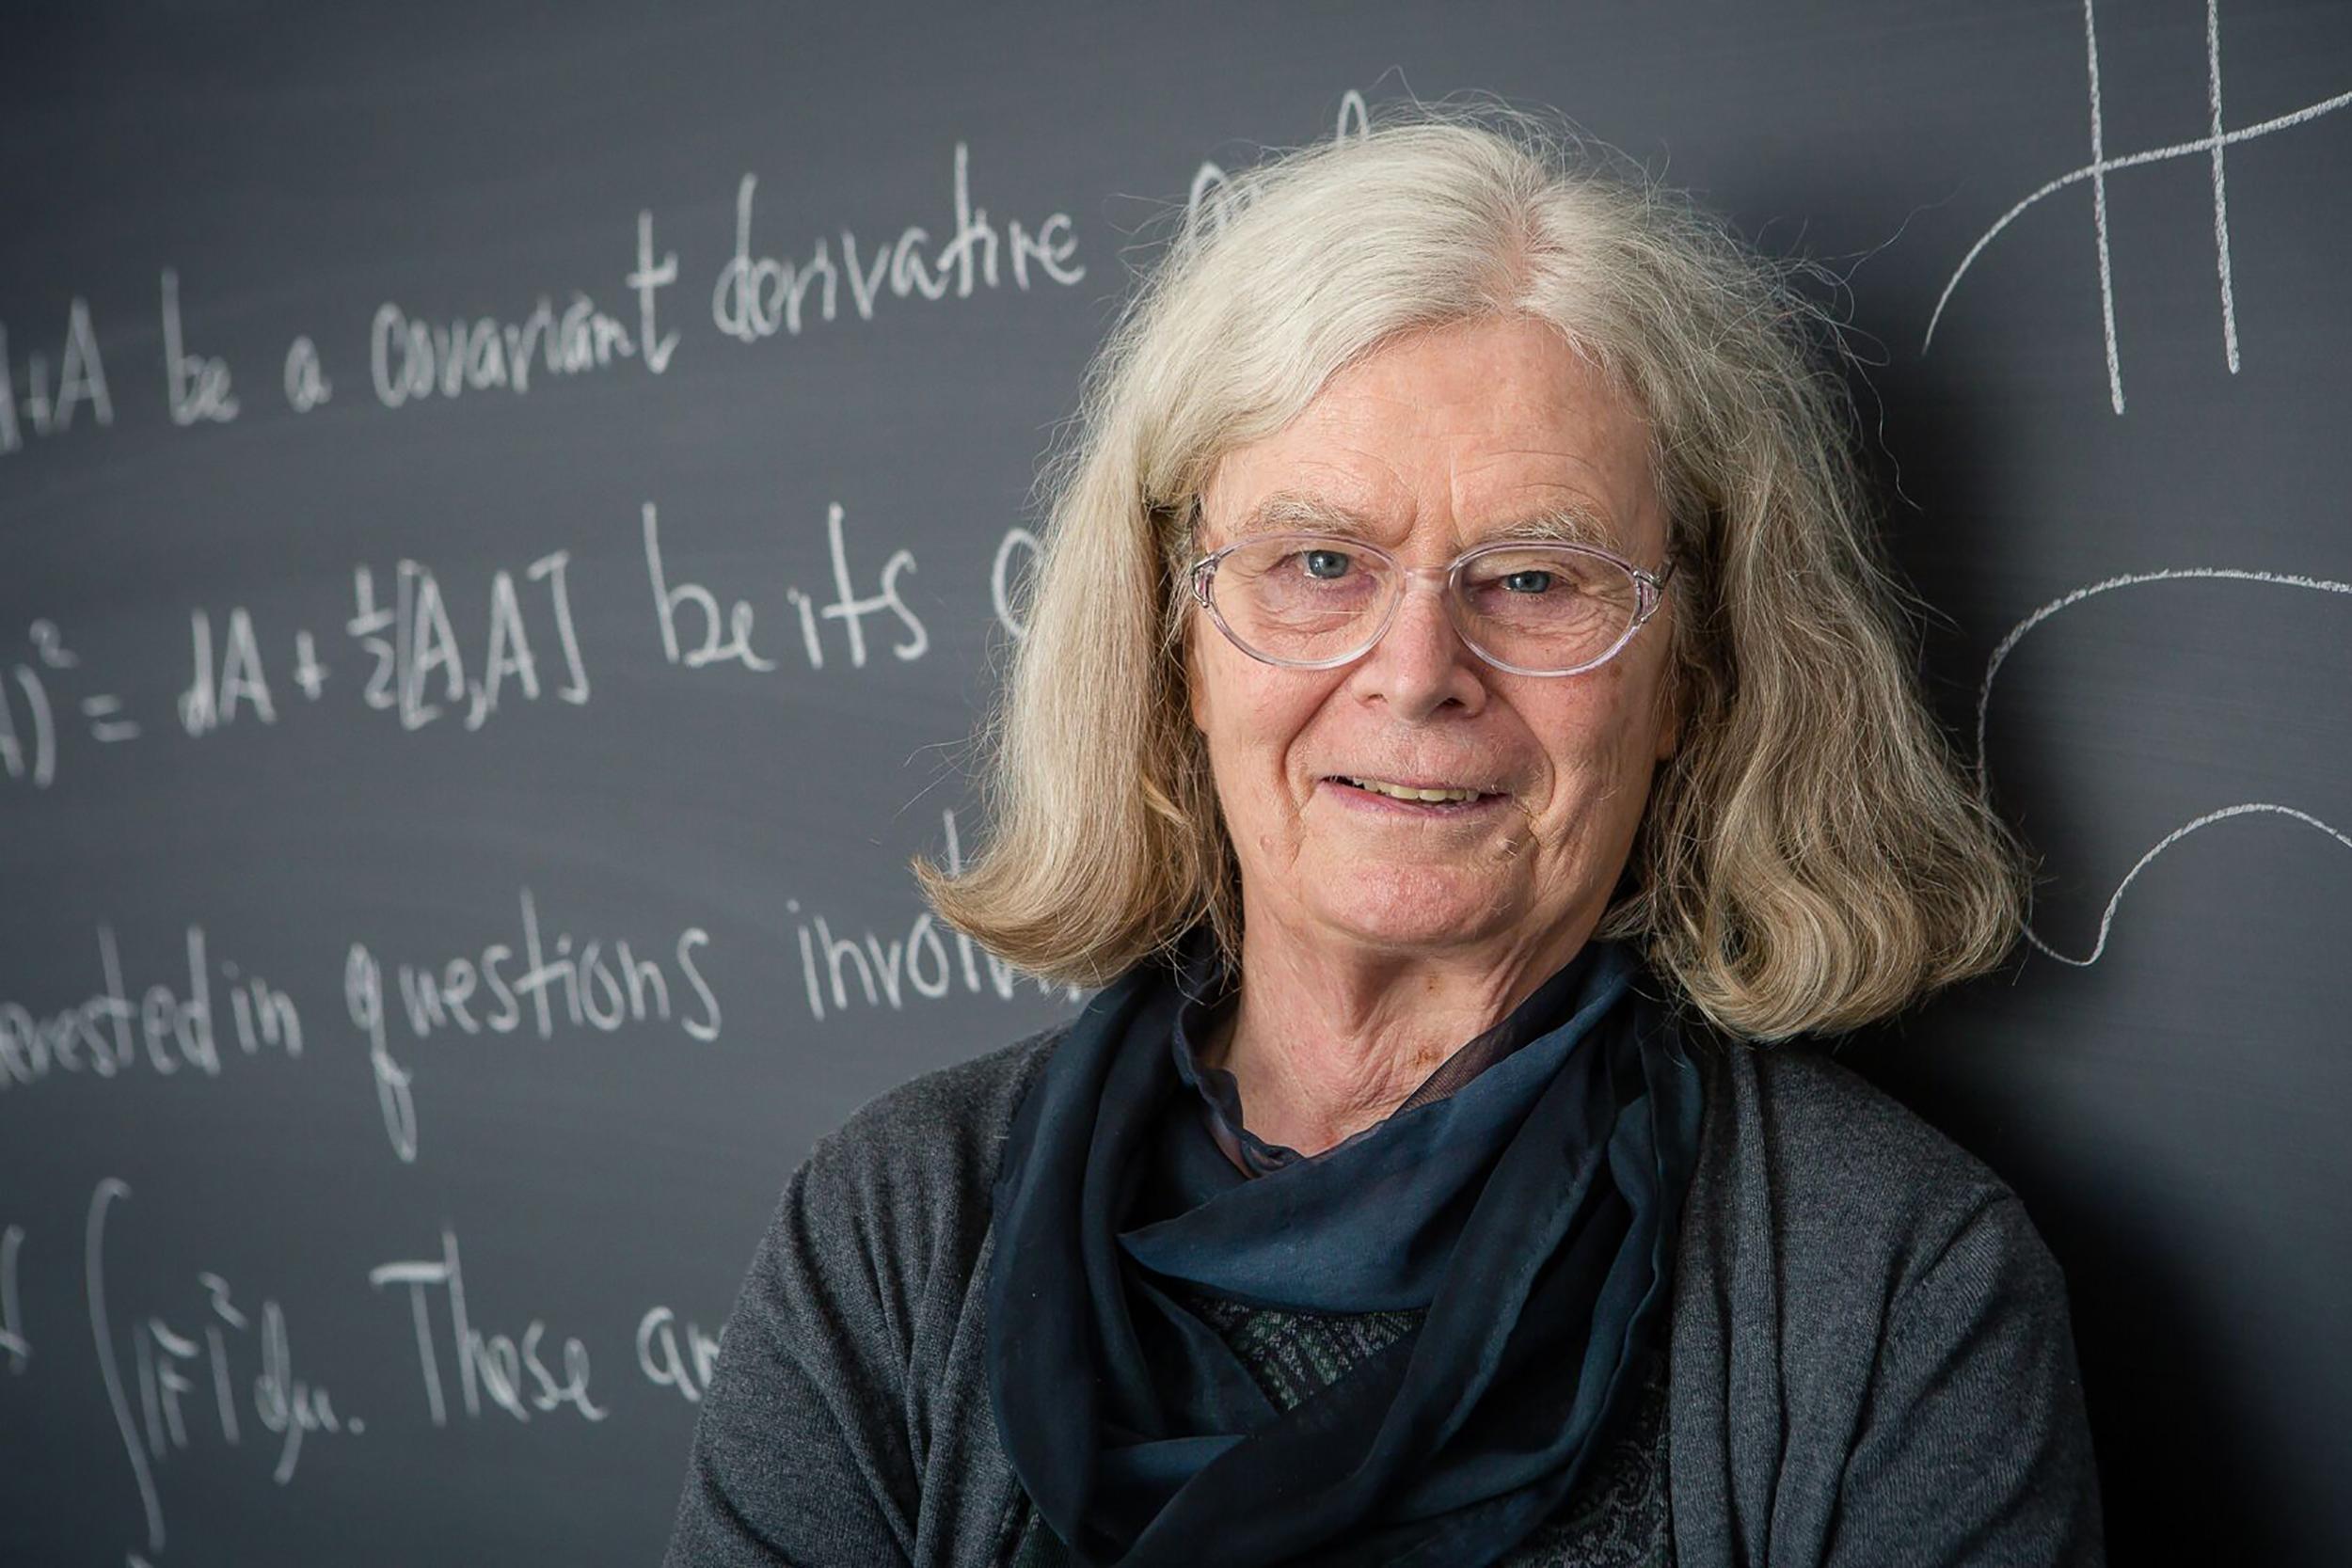 Először kapta nő az egyik legnagyobb presztízsű matematikai díjat